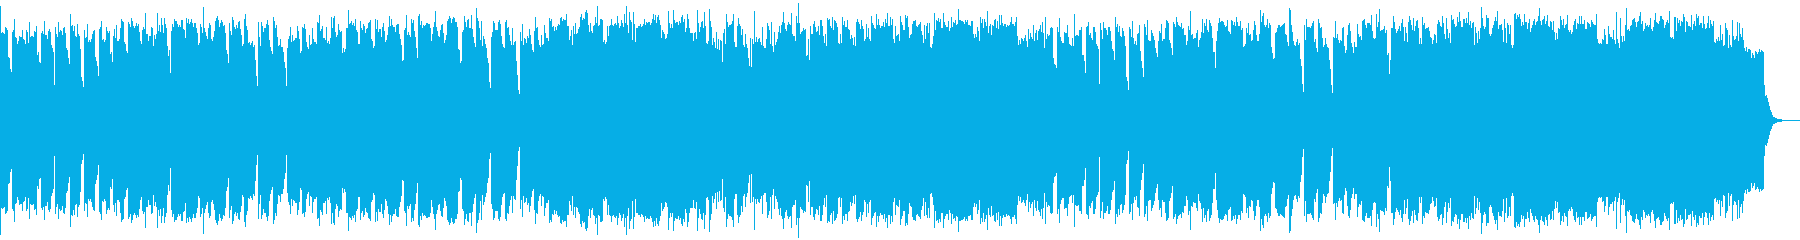 シャッフルのリズムに可愛げなSAXのメロの再生済みの波形